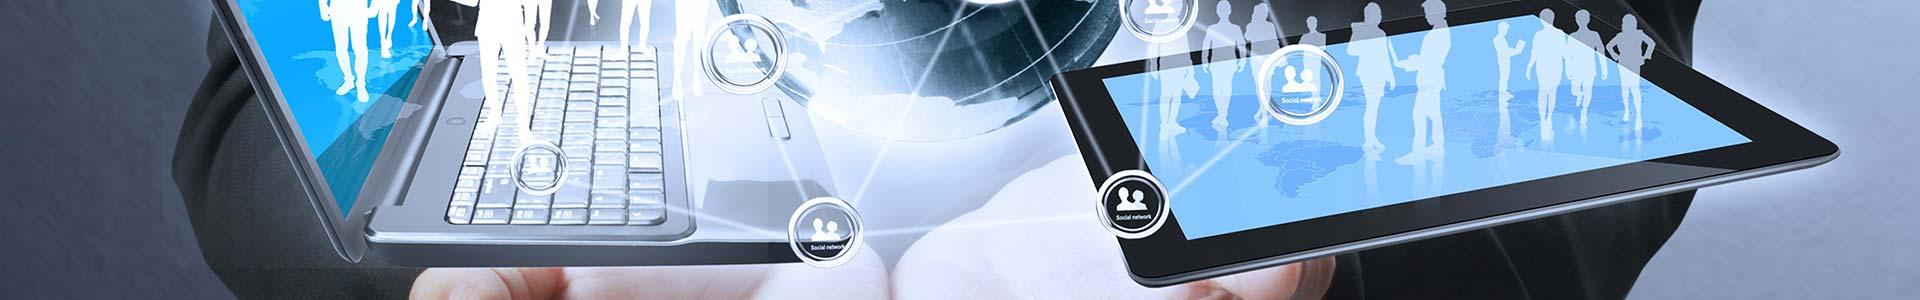 TriSoft system ERP aplikacje mobilne i webowe